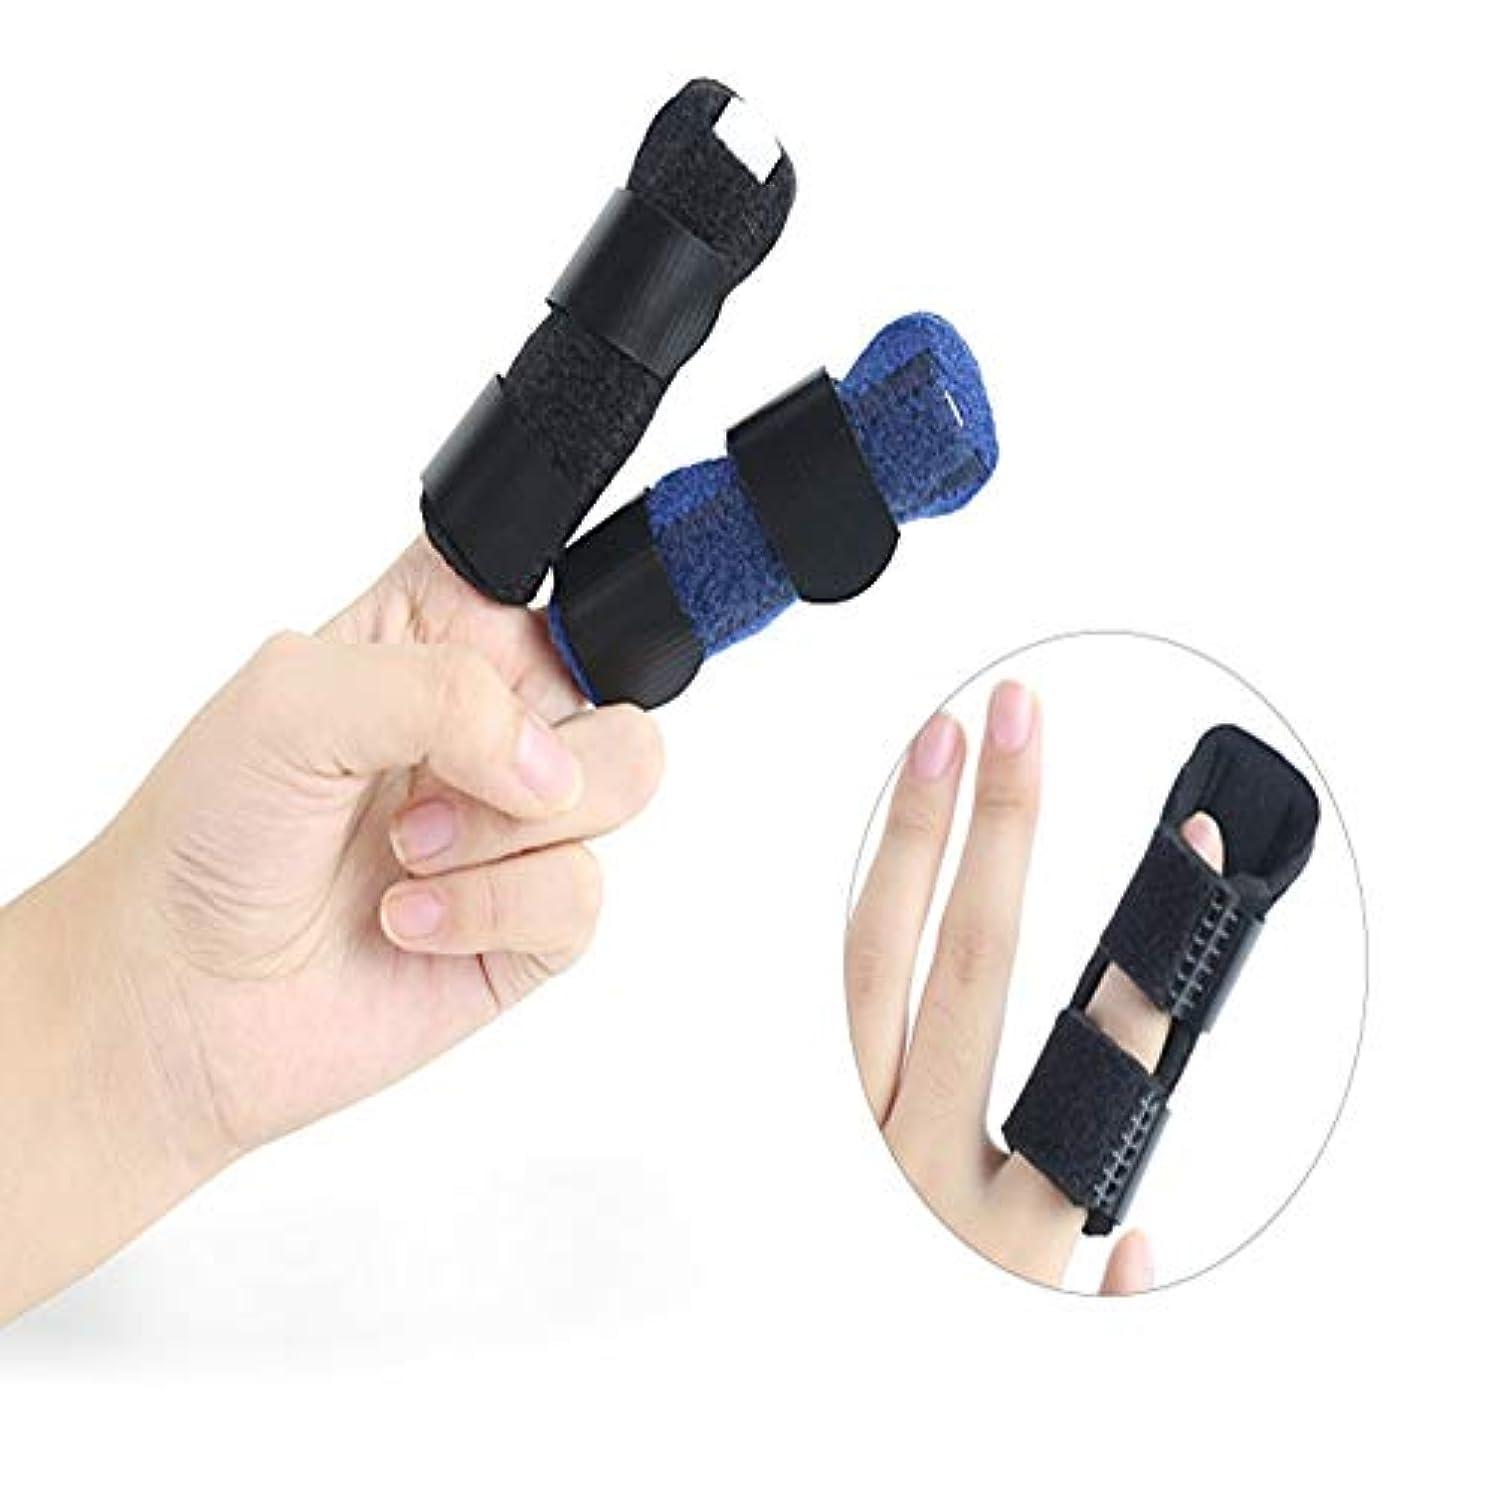 懲戒休眠実際のスプリント、救済レンチ、関節炎の痛み、ロックされ、Stenosing腱鞘炎手指、関節炎、腱炎、手術、脱臼、捻挫、繰り返しの使用に役立ちます。 (Color : 青)